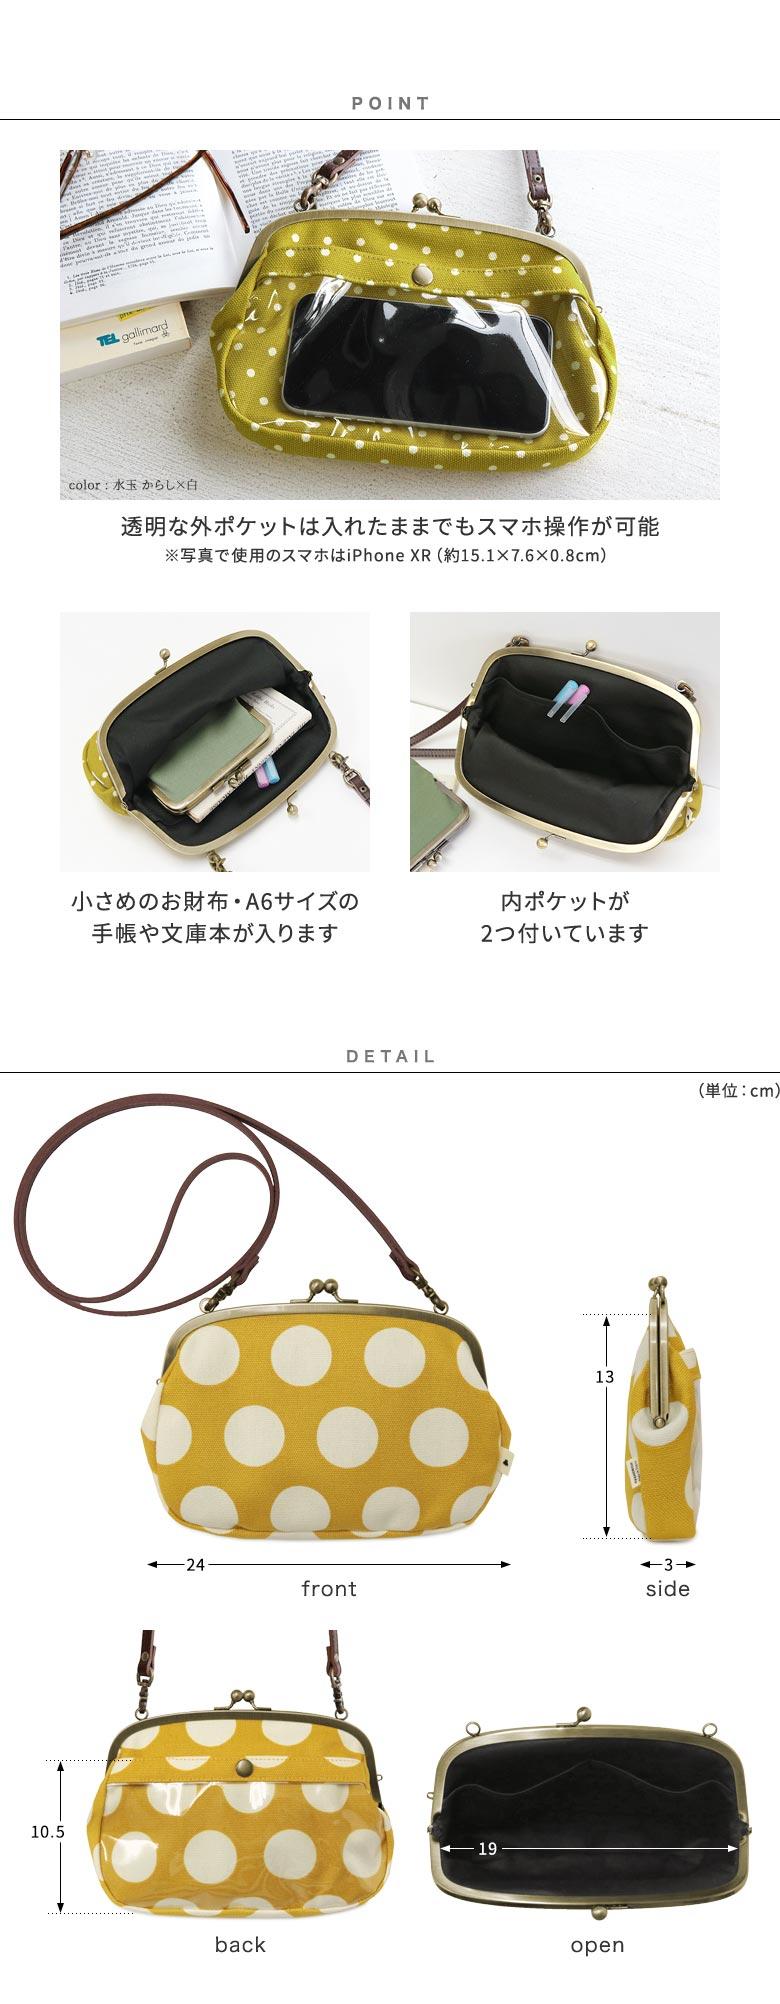 がま口スマホショルダーバッグ 帆布 唐草・水玉 POINT紹介 透明な外ポケットは入れたままでもスマホ操作が可能。※写真で使用のスマホはiPhone XR(約15.1×7.6×0.8cm) 小さめのお財布・A6サイズの手帳や文庫本が入ります。内ポケットが2つ付いています。 DETAIL見せ